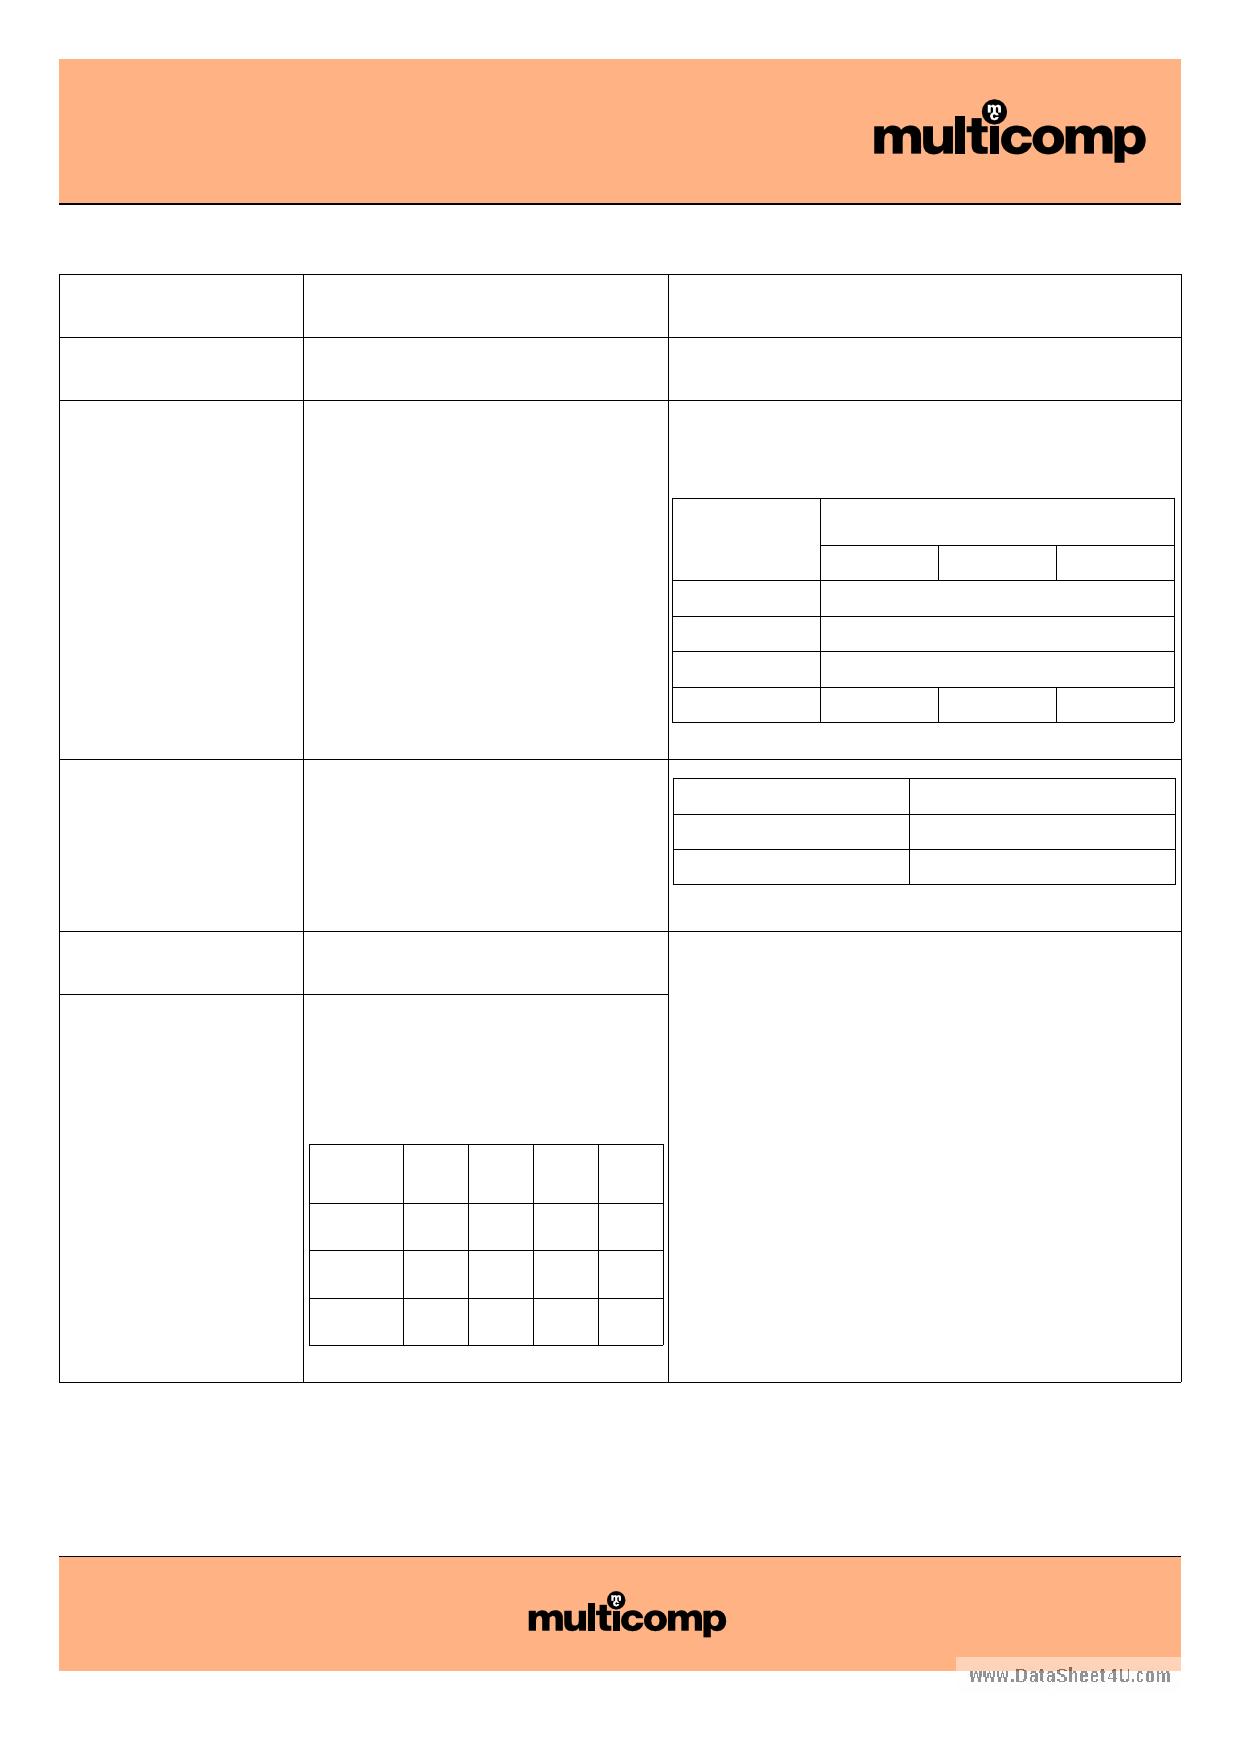 U0805CxxxxxT pdf, 반도체, 판매, 대치품